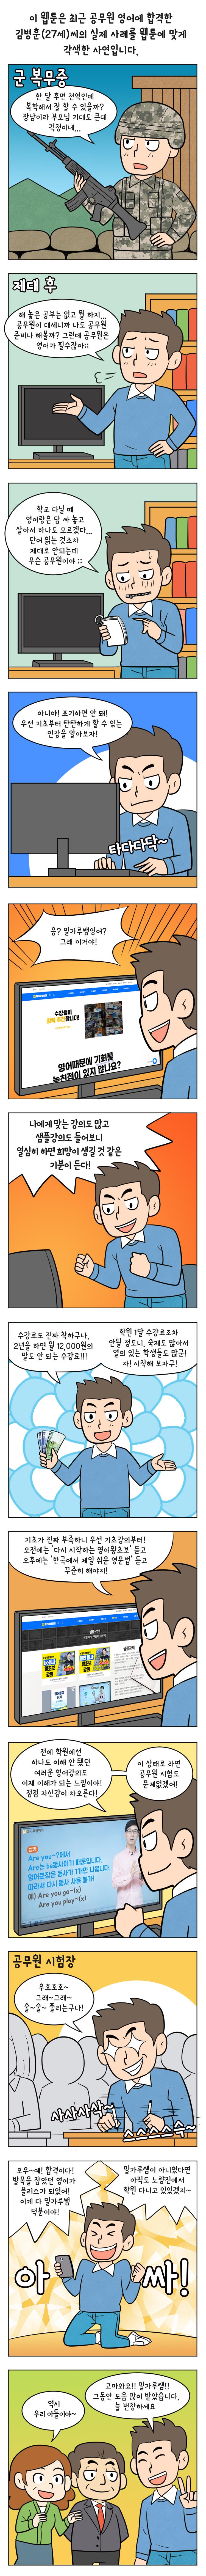 최근 공무원영어에 합격한 수기 등 밀가루쌤영어 수강생의 웹툰 후기를 확인해 보세요.